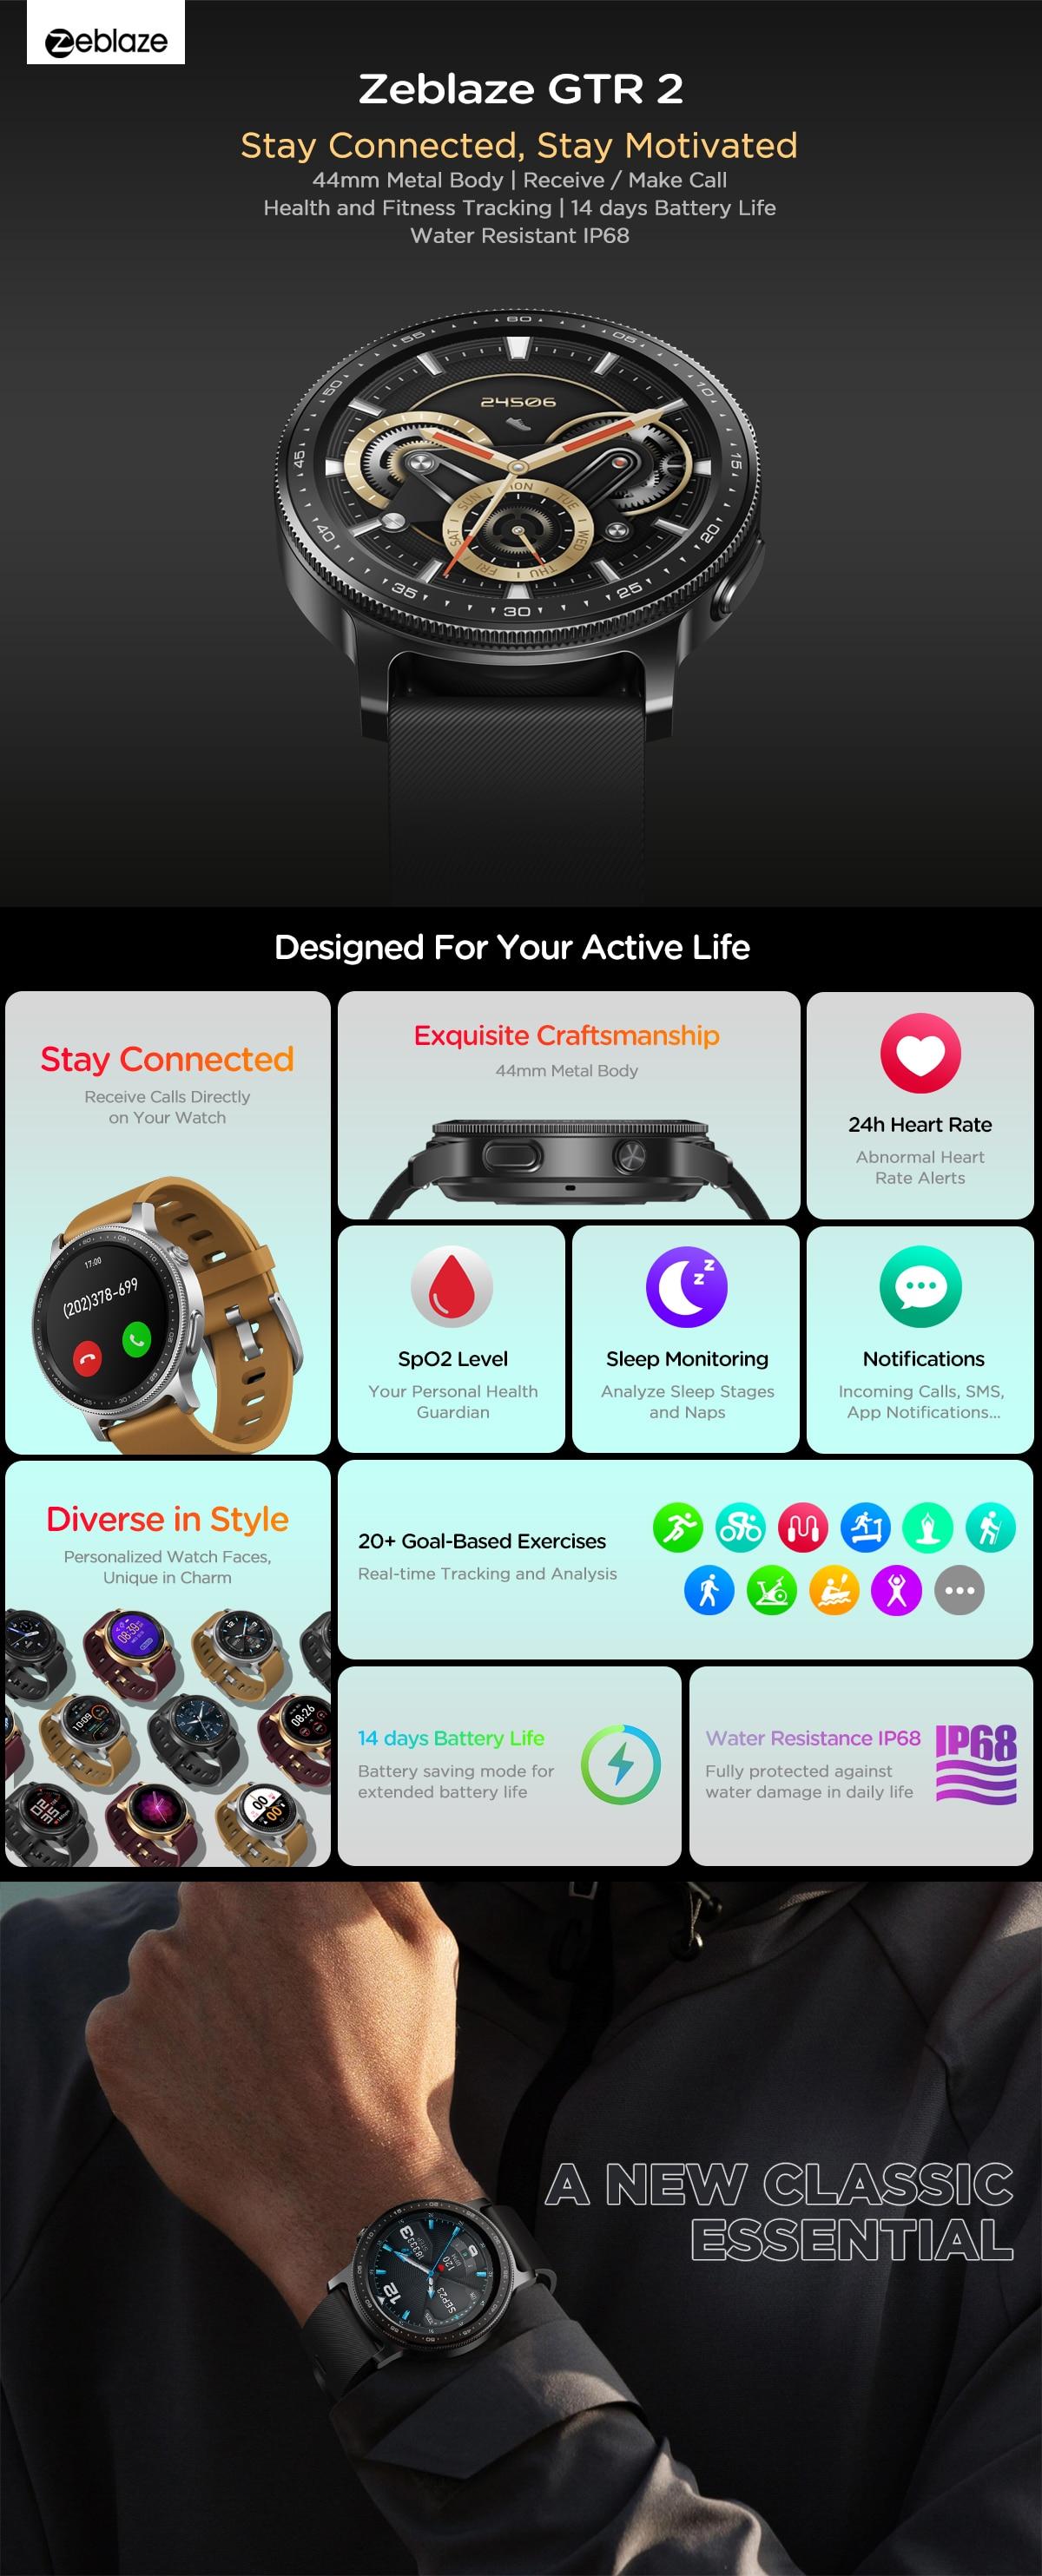 Zeblaze GTR 2 smartwatch 6